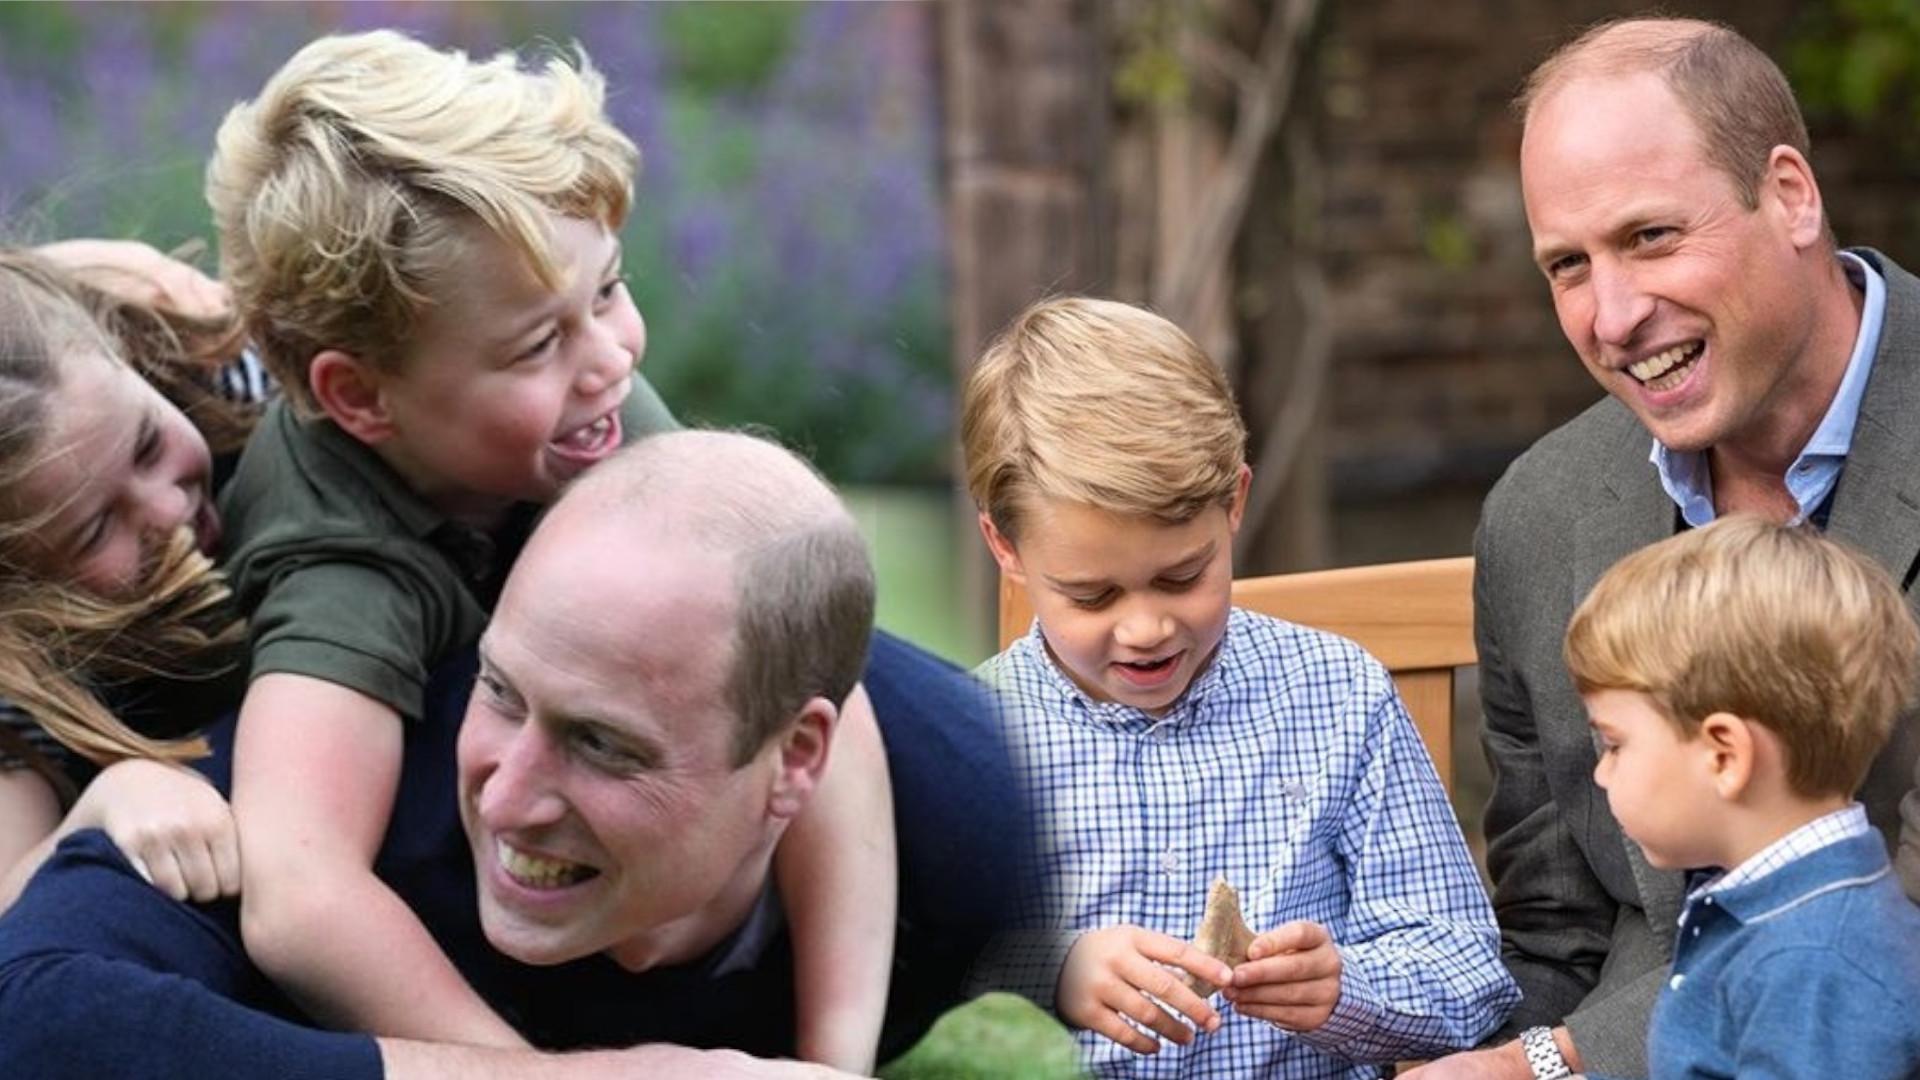 Książęca para Cambridge na nowej fotografii z dziećmi. Przez pandemię tak rzadko ich widzimy…